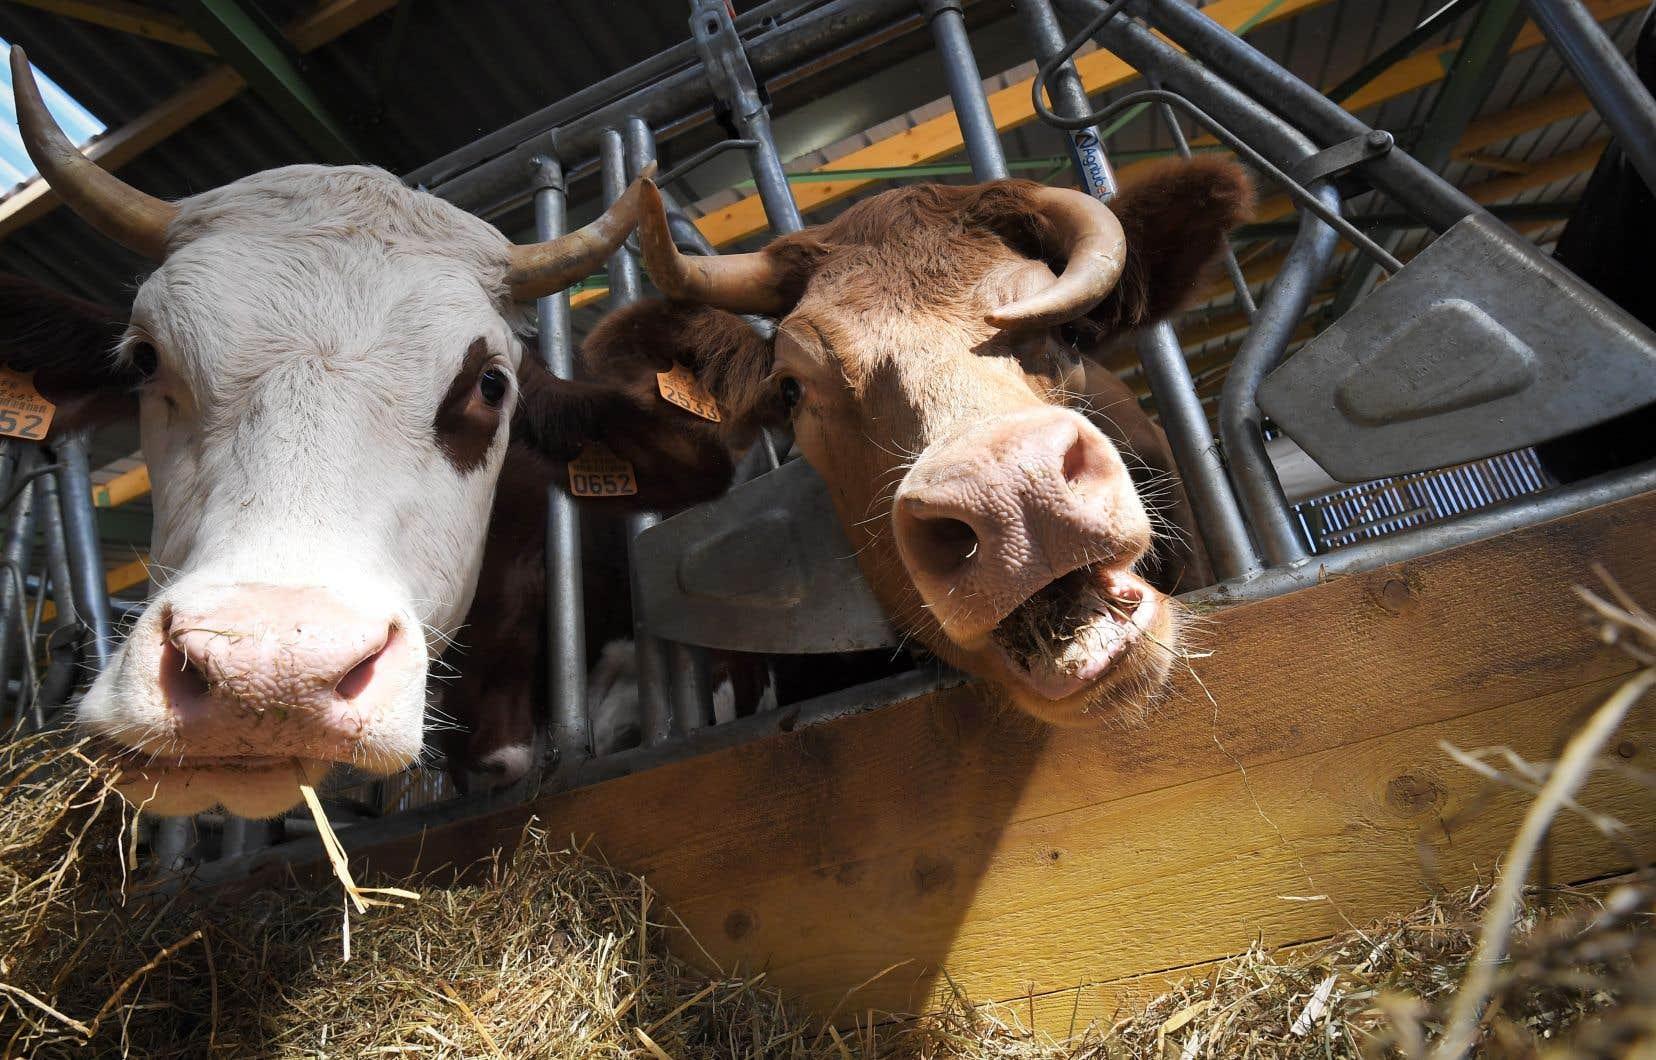 «De nombreuses mesures ont été mises en place au cours des 50 dernières années pour favoriser une utilisation judicieuse des antibiotiques chez les animaux d'élevage», selon l'auteure.